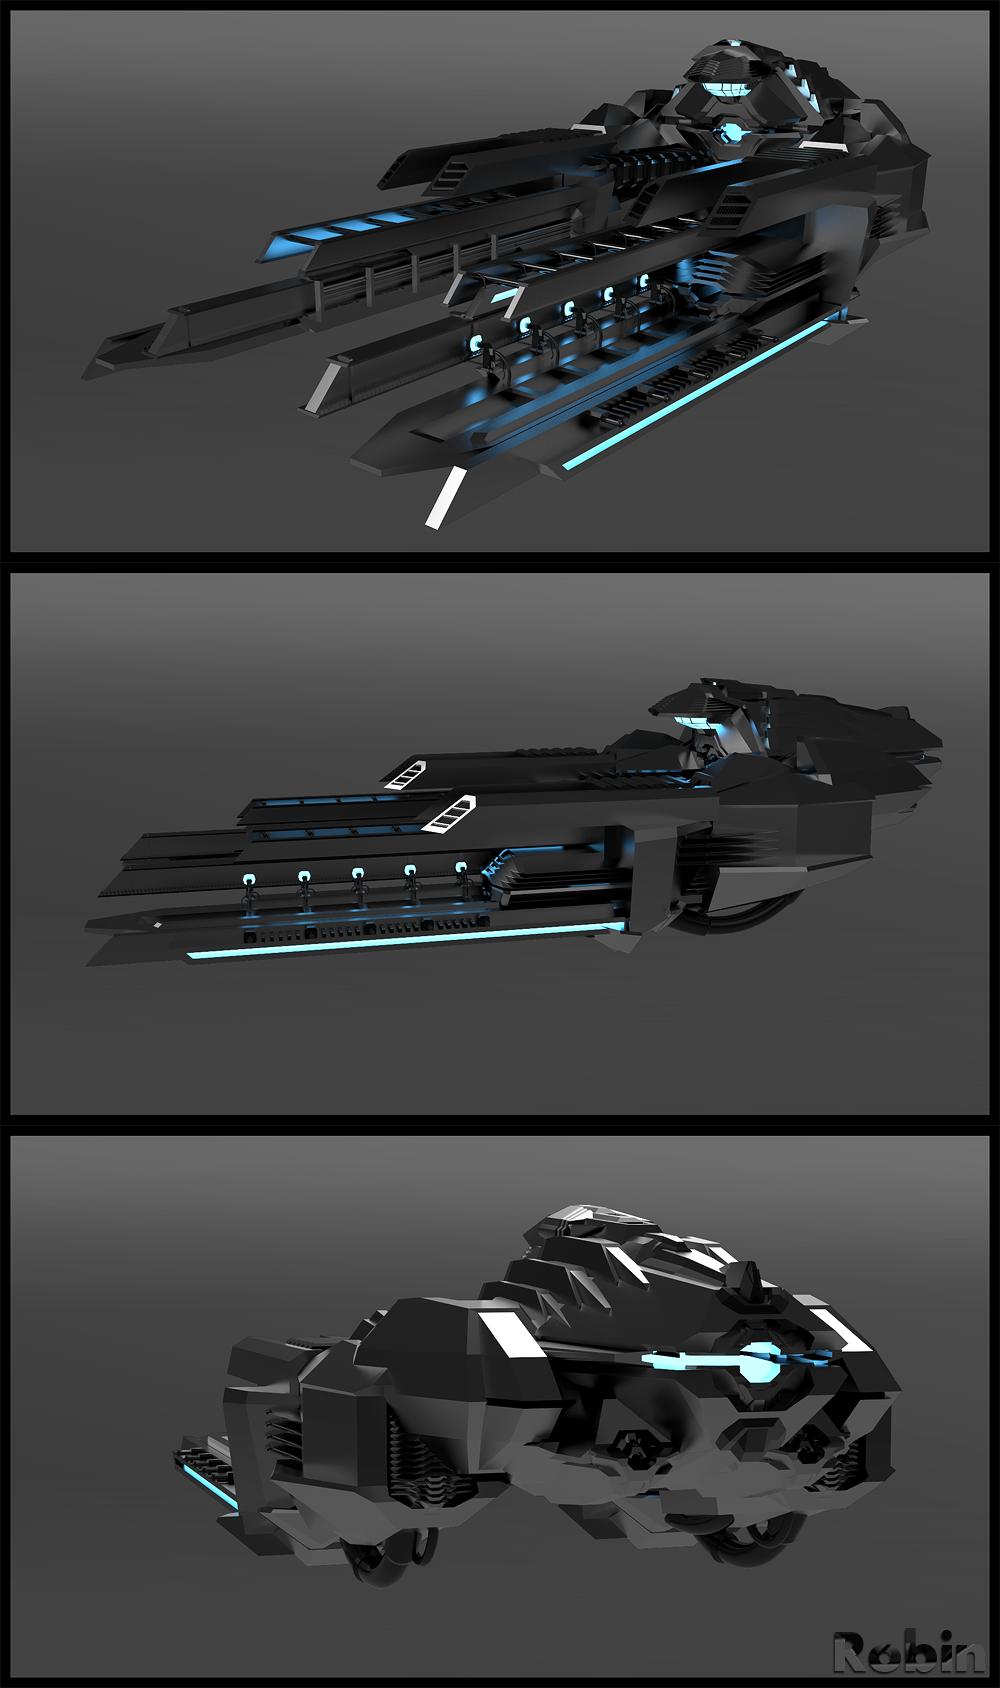 Spaceship design by llrobinll on deviantart for Spaceship design